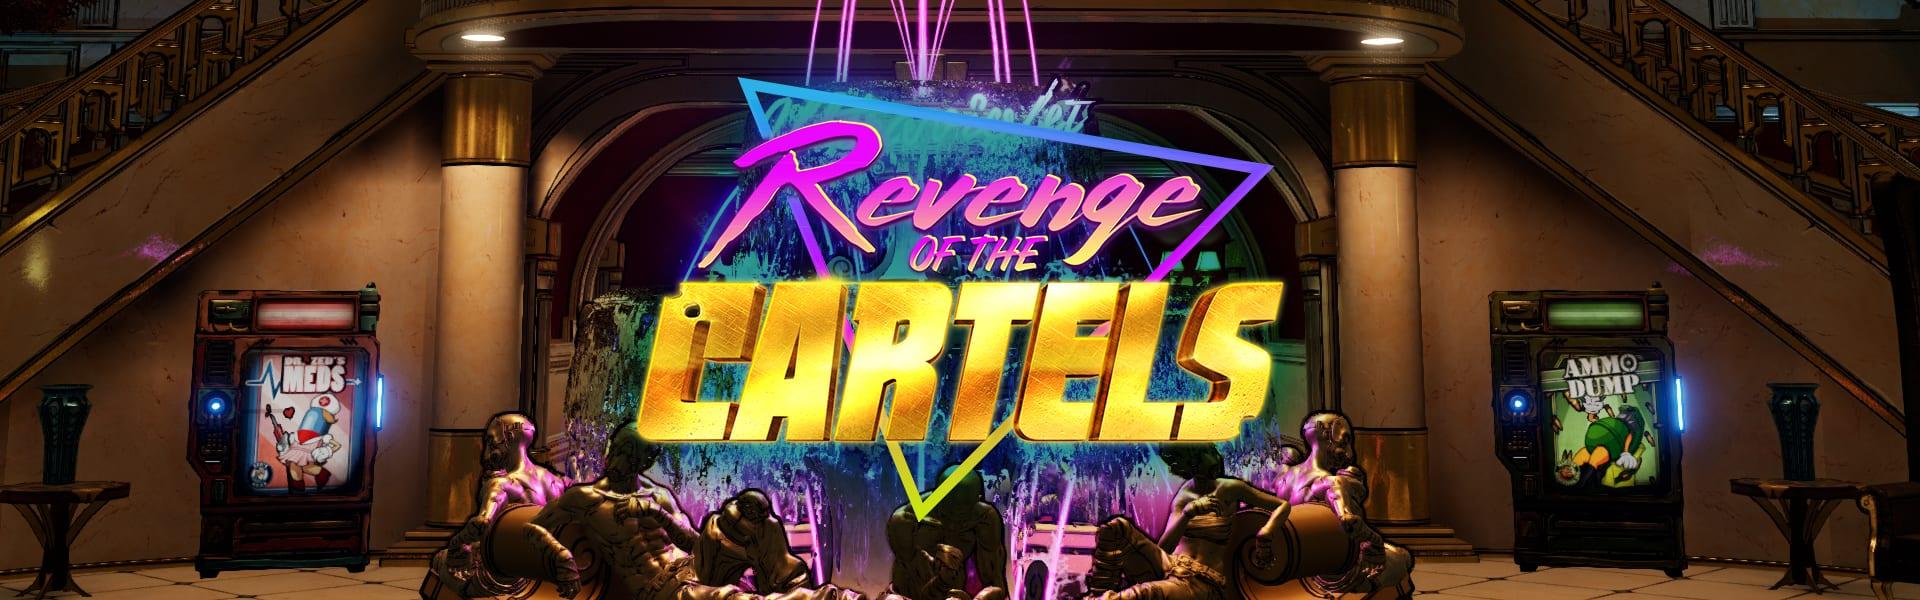 Fish Slap Legendary Grenade Mod Borderlands 3 Revenge of the Cartels